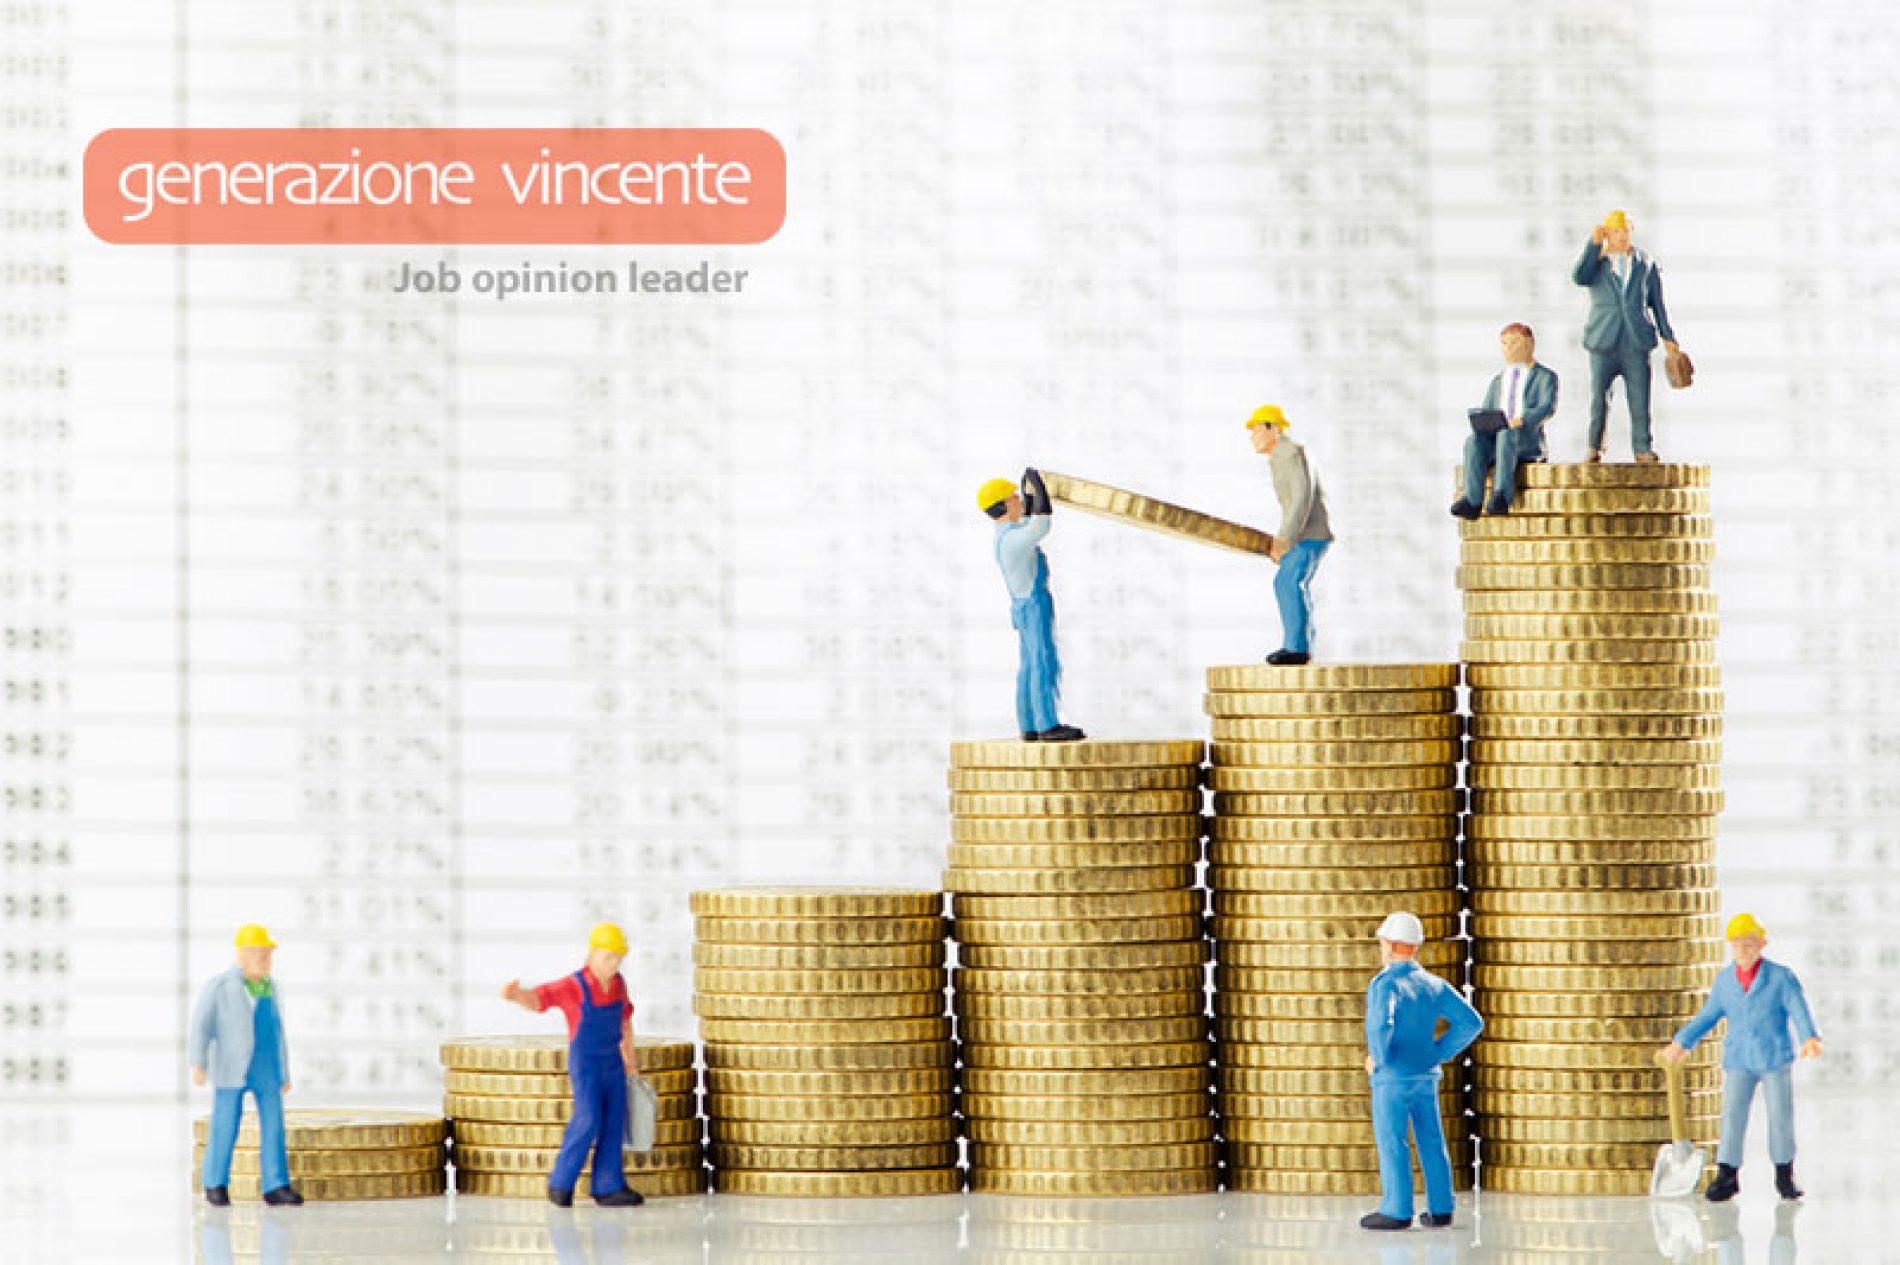 La riforma dell' integrazione salariale ordinaria e straordinaria [E. Massi]